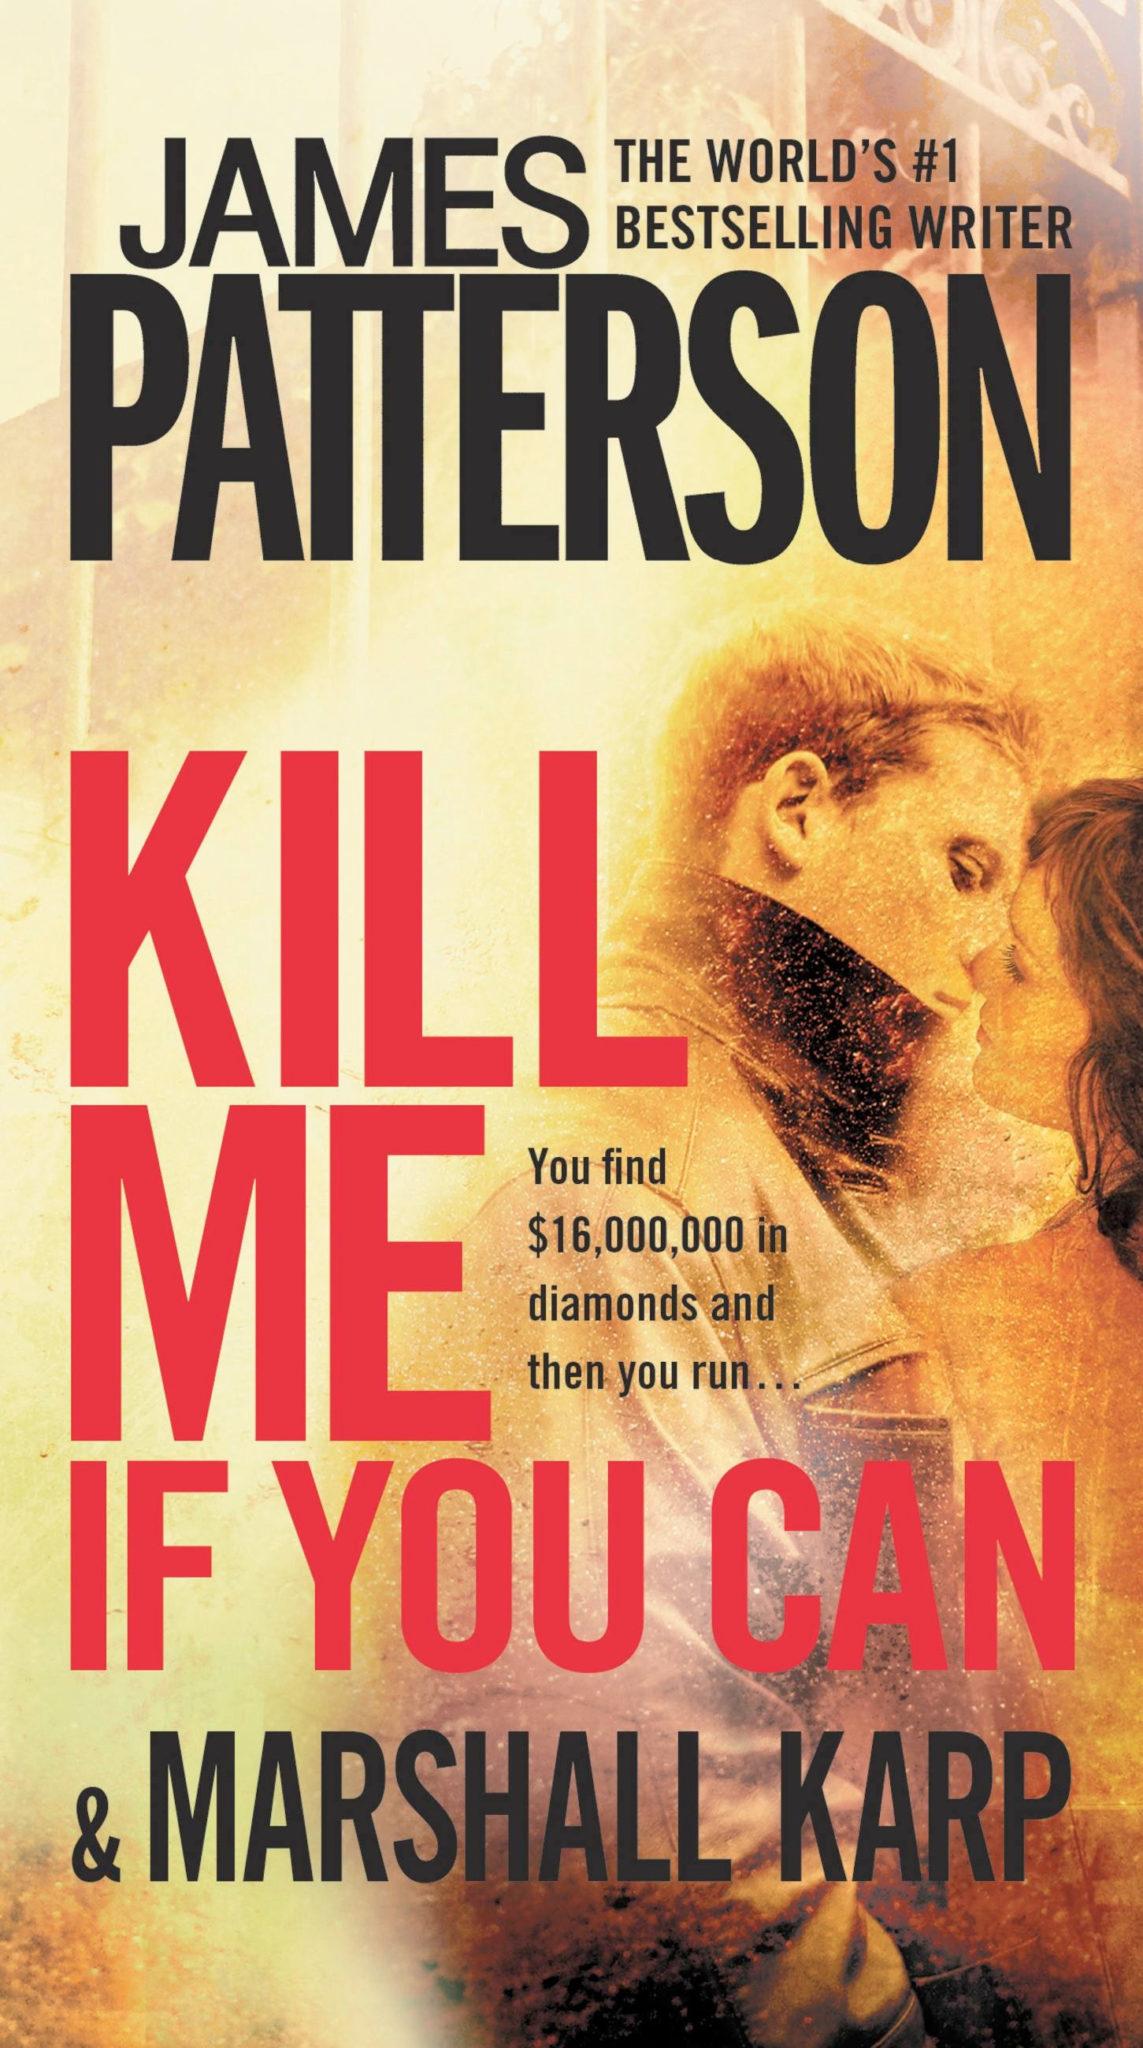 James Patterson books 56